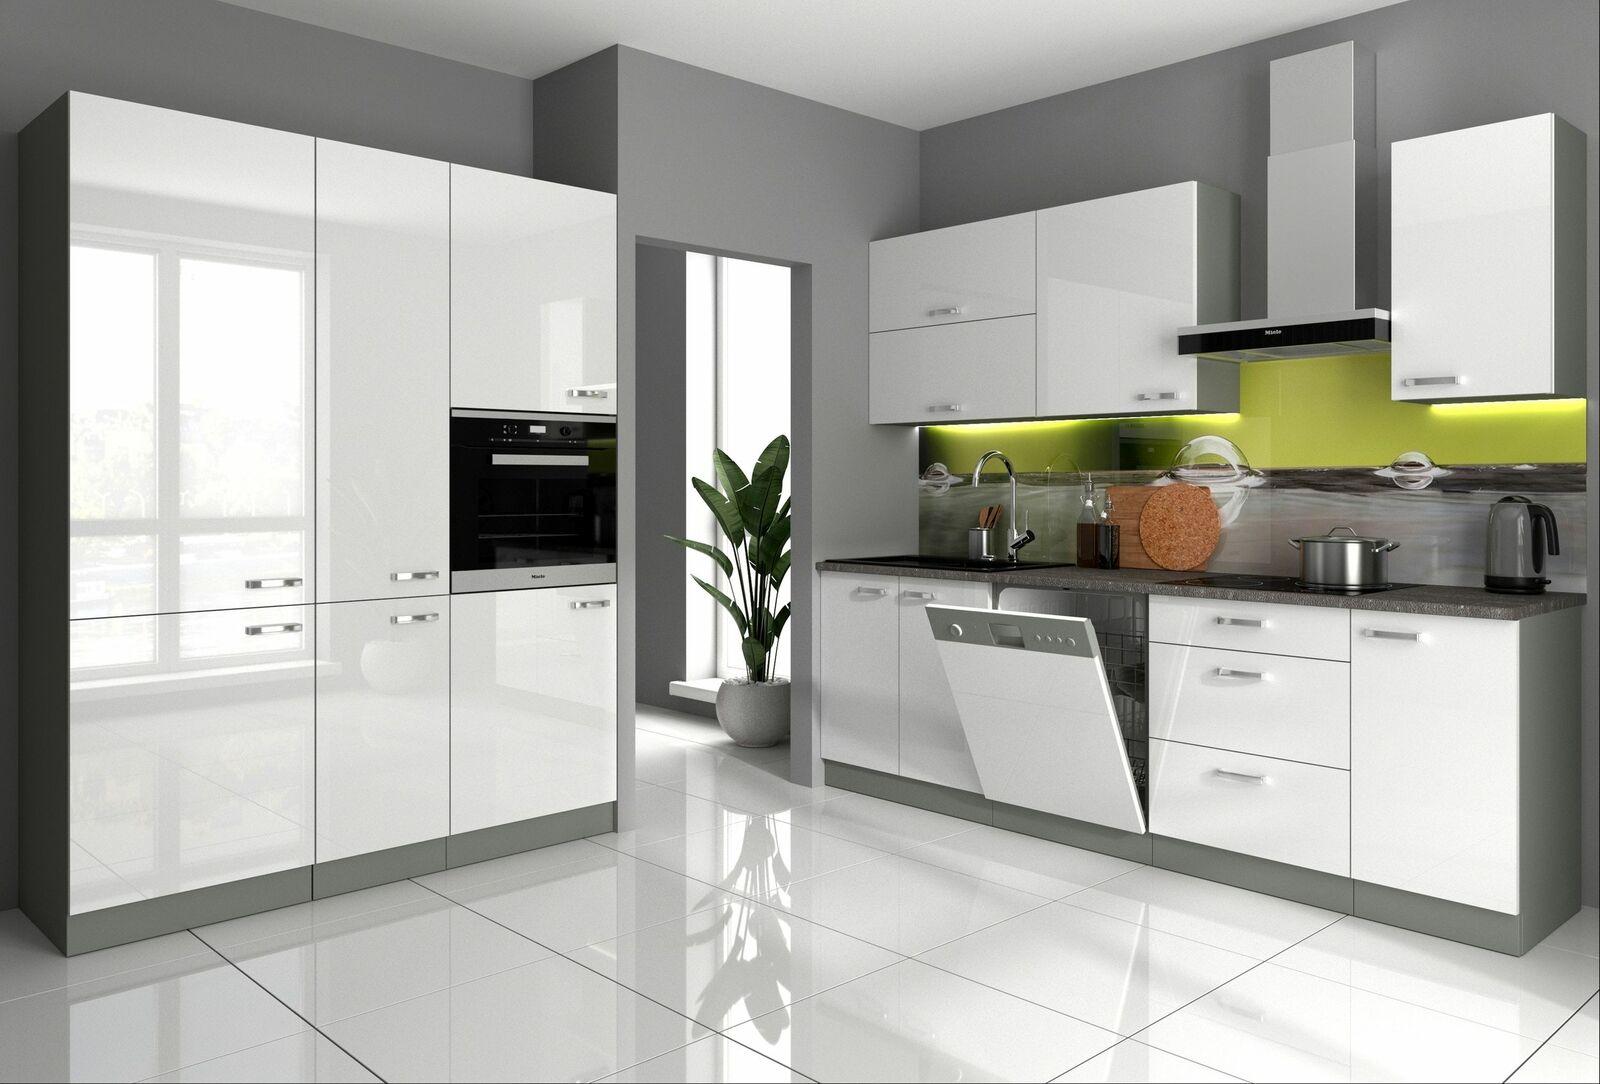 Küche Bianca I 240 + 160 cm Küchenzeile Hochglanz weiß Küchenblock Einbauküche